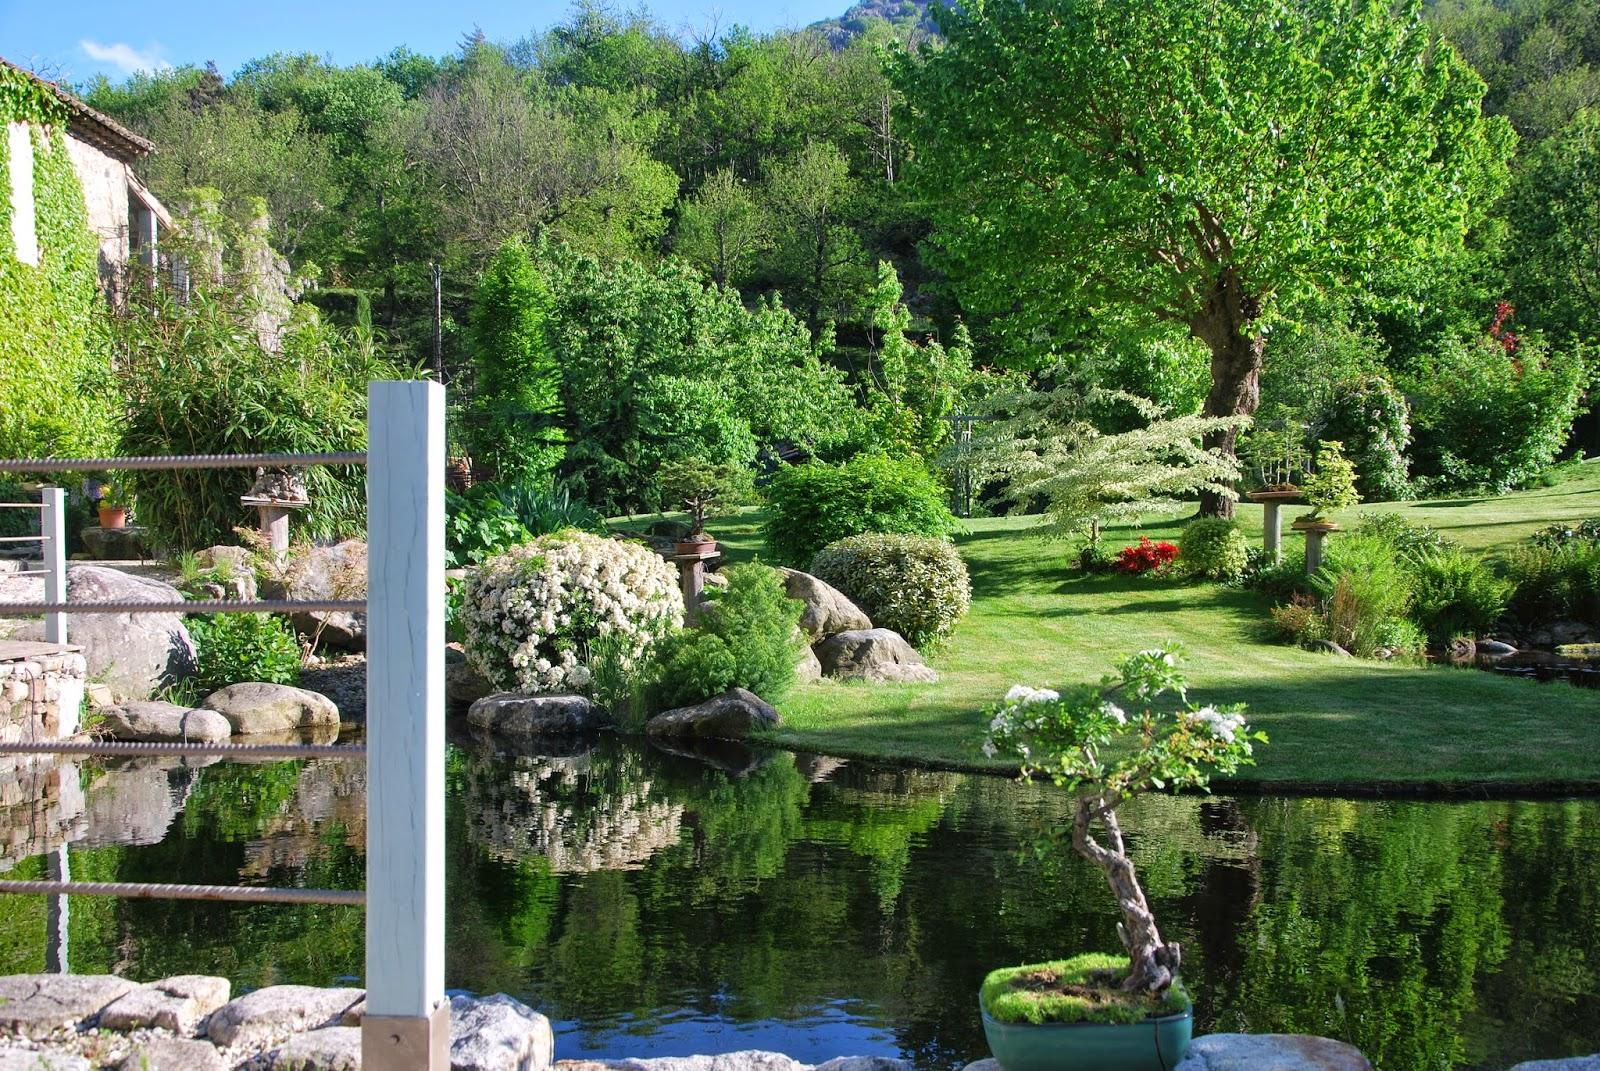 Le violon des ruisseaux jardin japonais for Jardin japonais yvelines